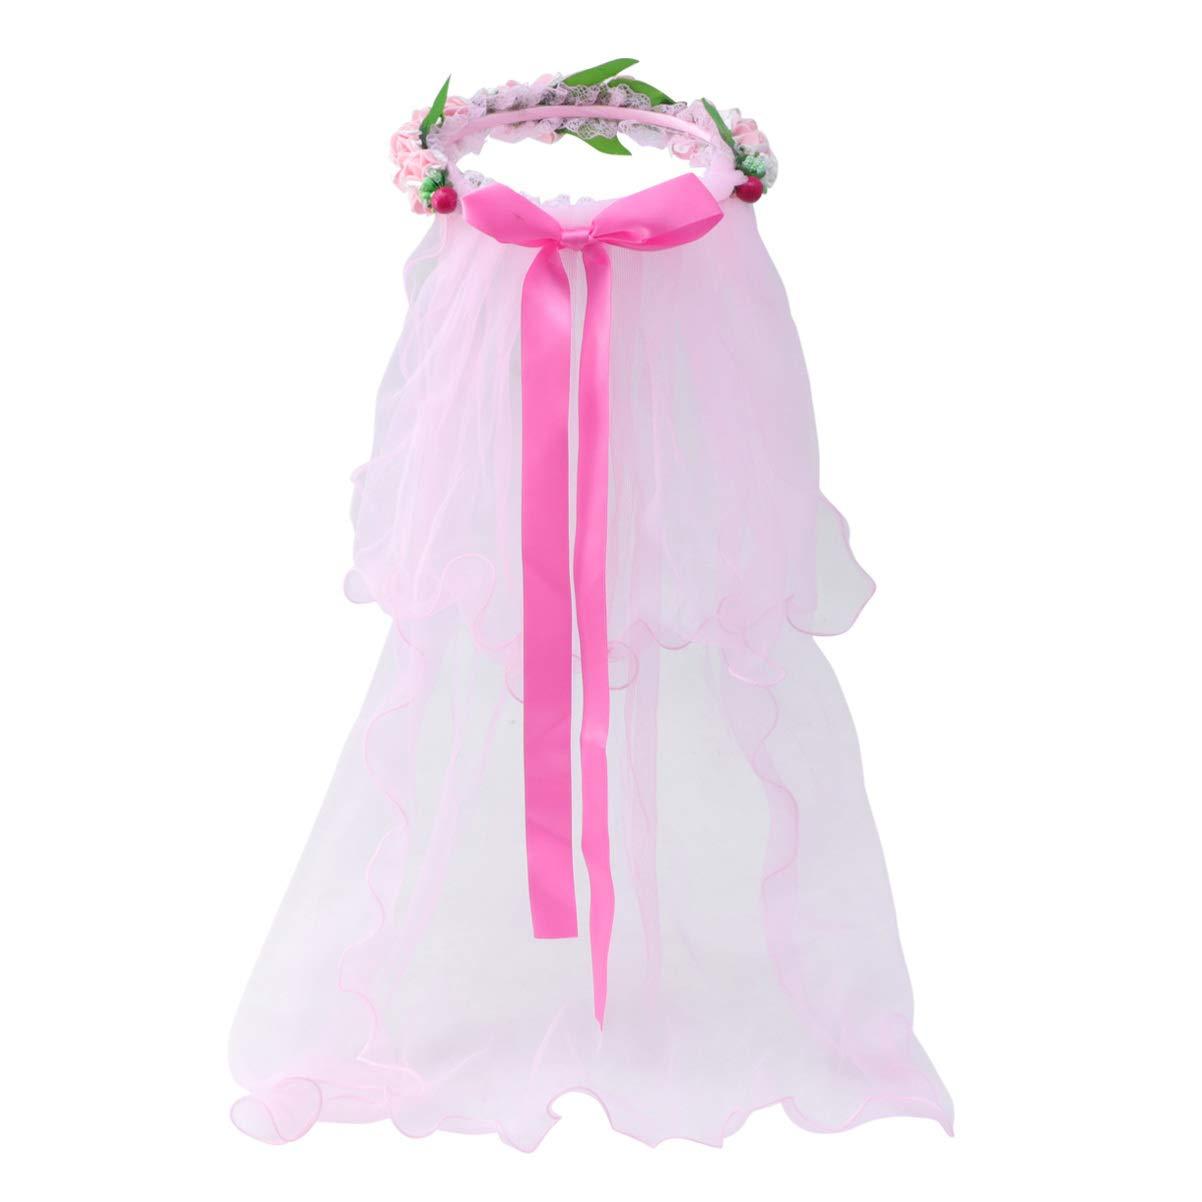 Beaupretty Girls Flower Crown Headpiece First Communion Wreath Tiaras Veil Garland Gauze Headdress For Kids Children (Pink)